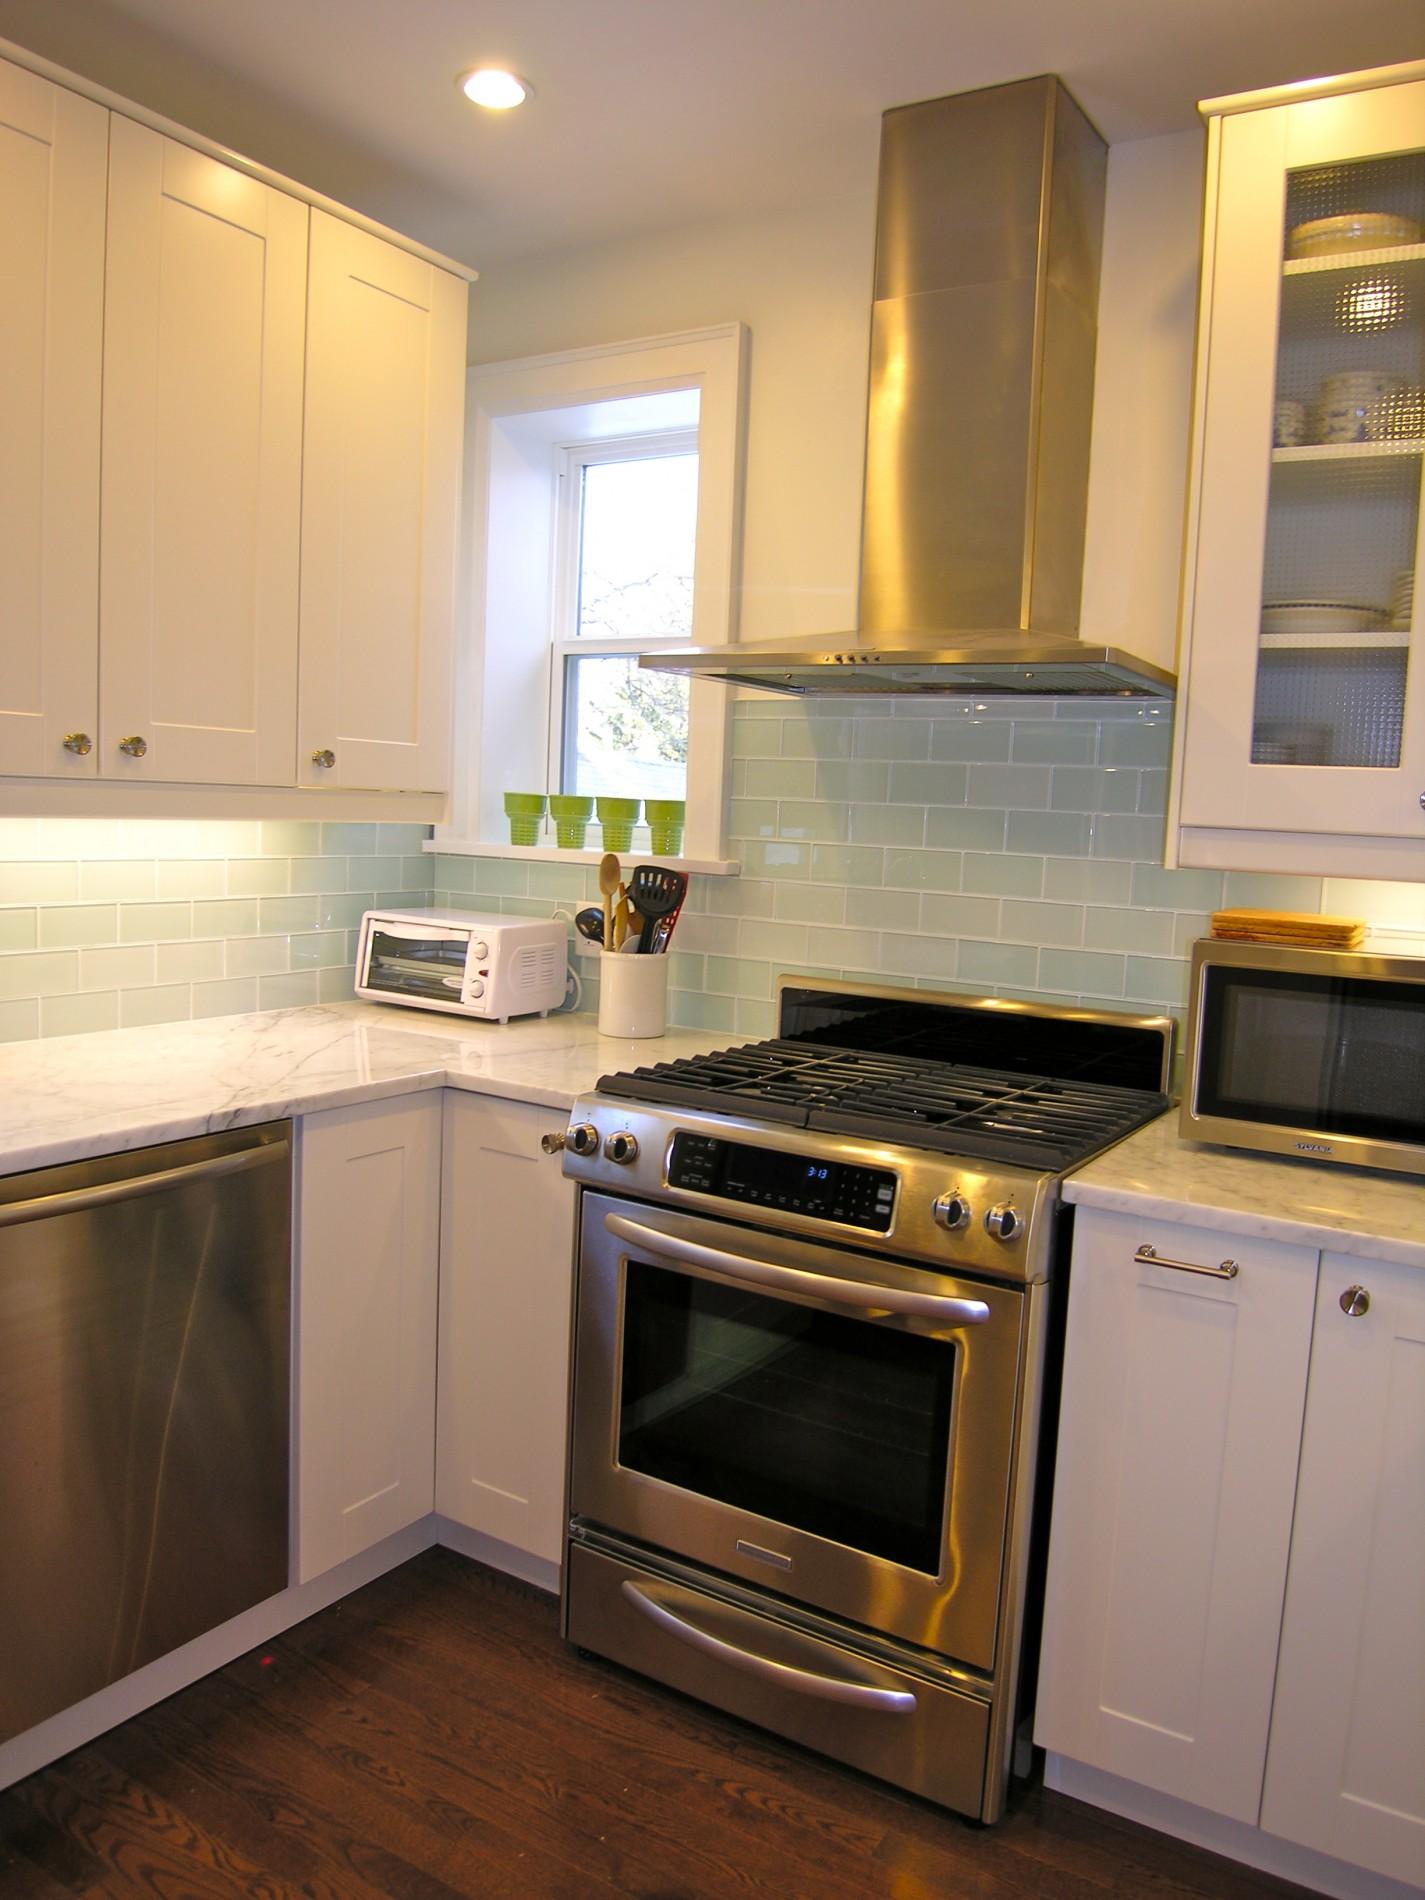 Davisville Village Contemporary Kitchen - Featured Image